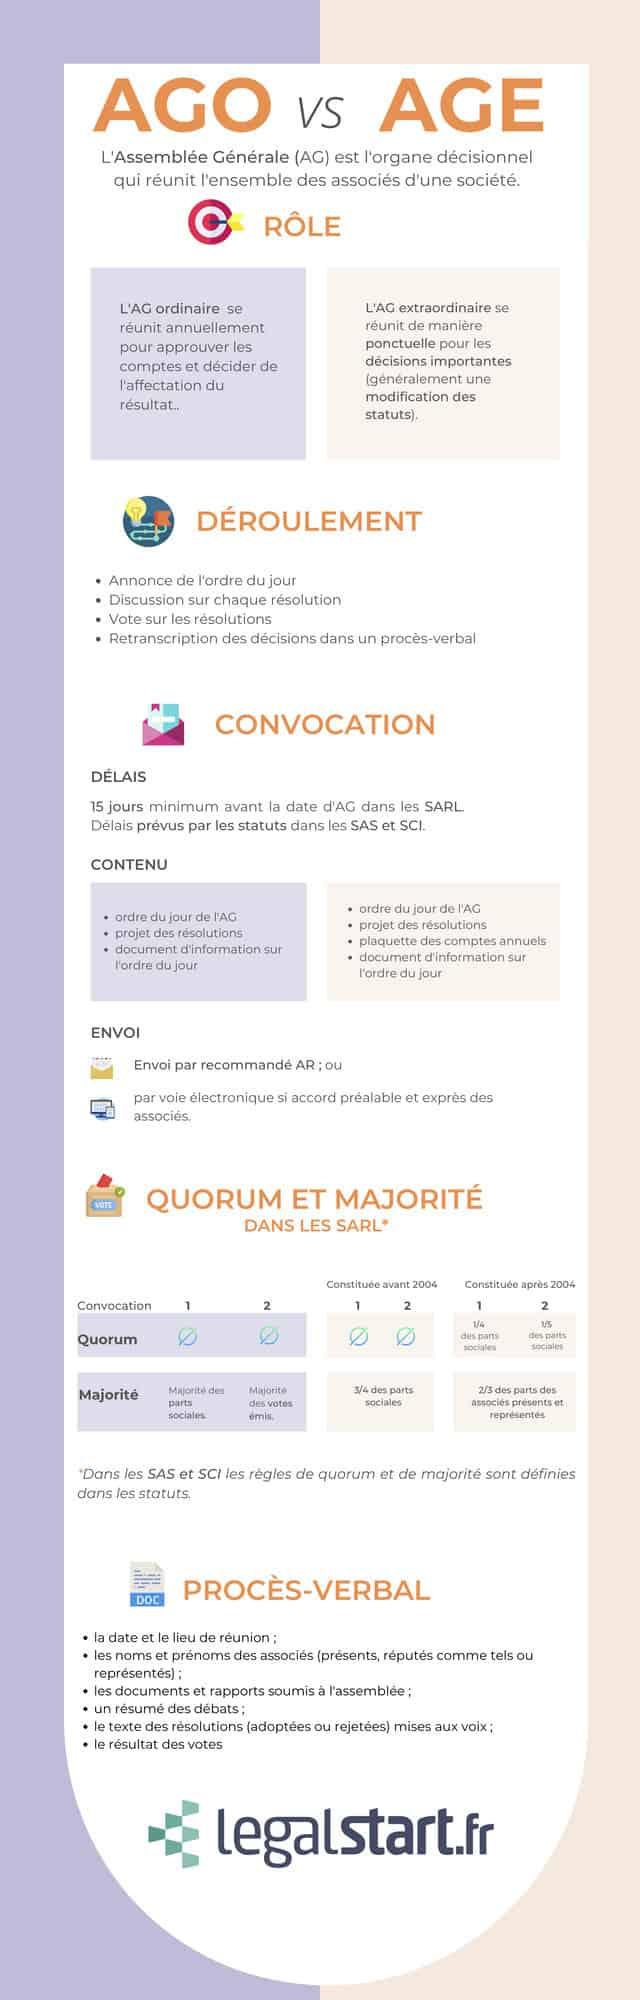 infographie AGO